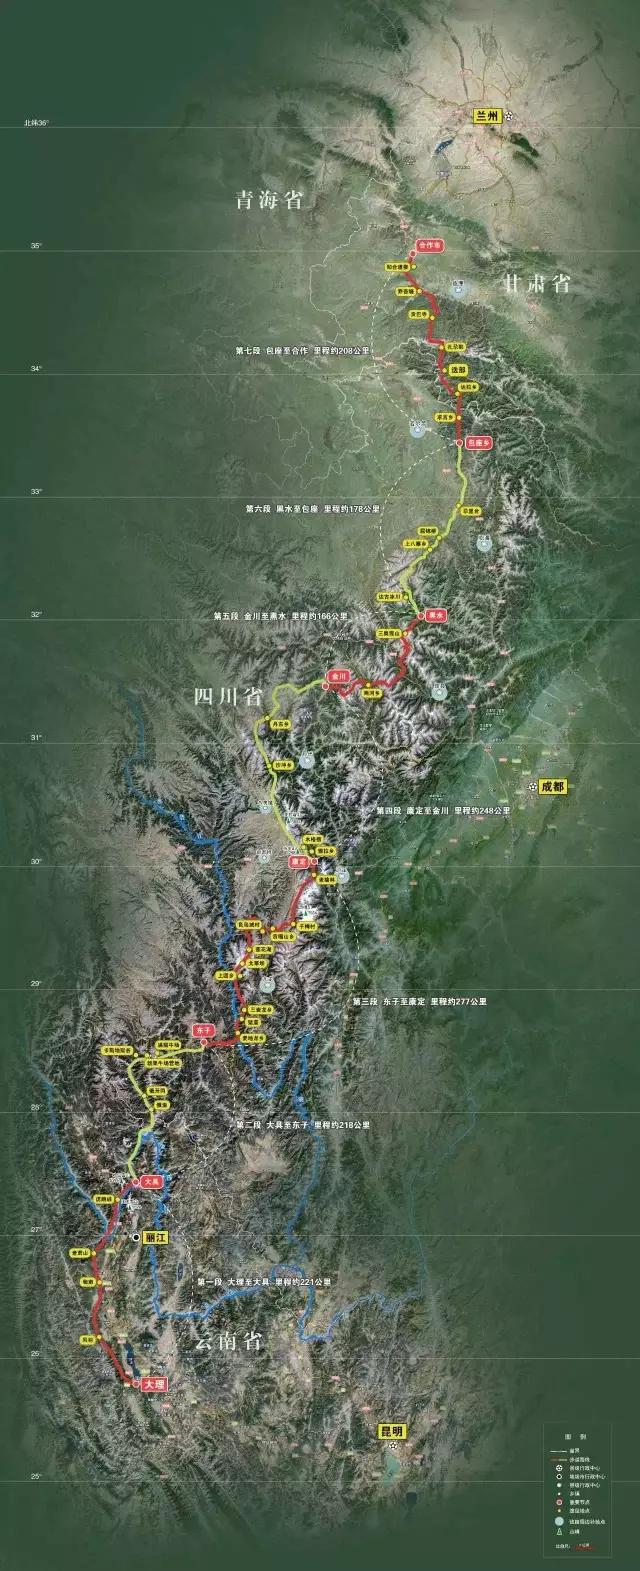 纵跨五省的横断山天路,会成为中国第一条国家级徒步步道吗?